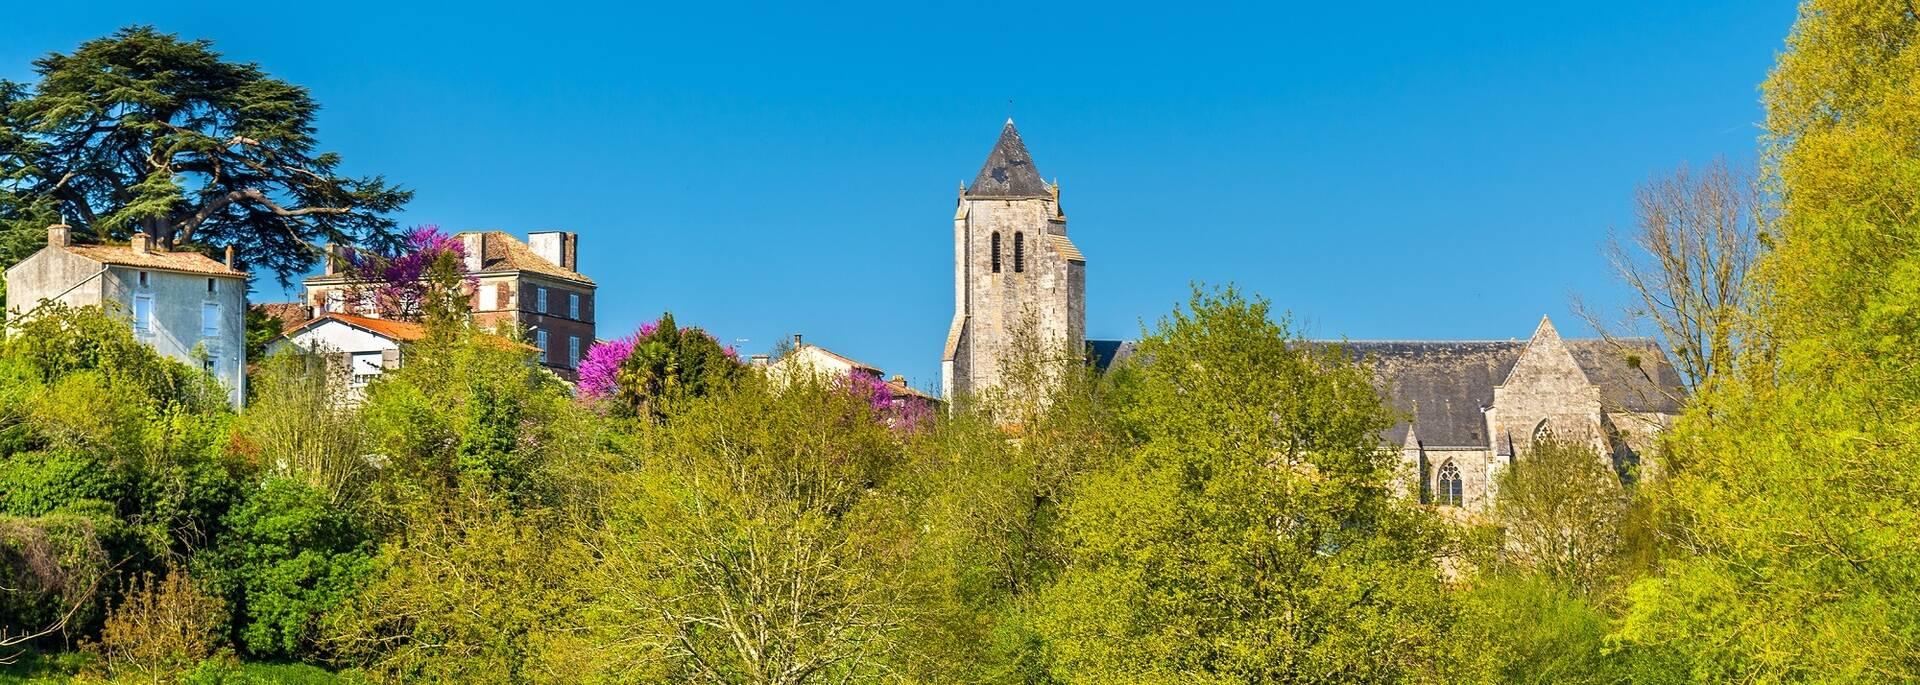 Abbaye Royale de Celles-sur-Belle - ©Shutterstock